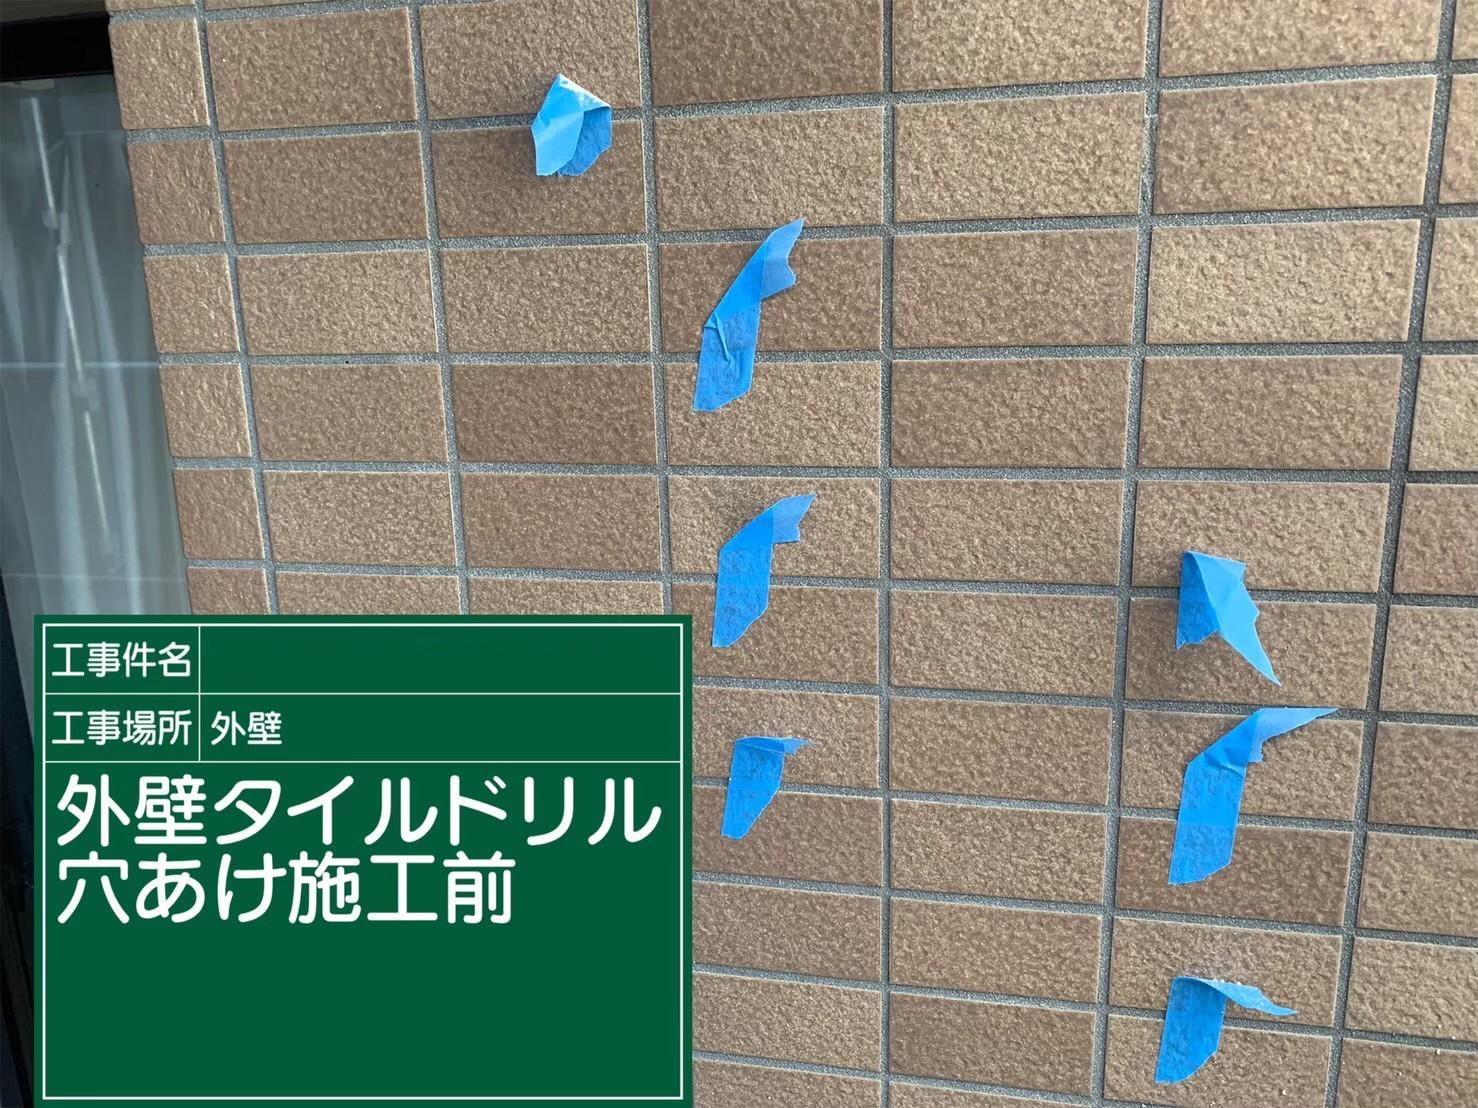 【タイル浮き補修】①施工前